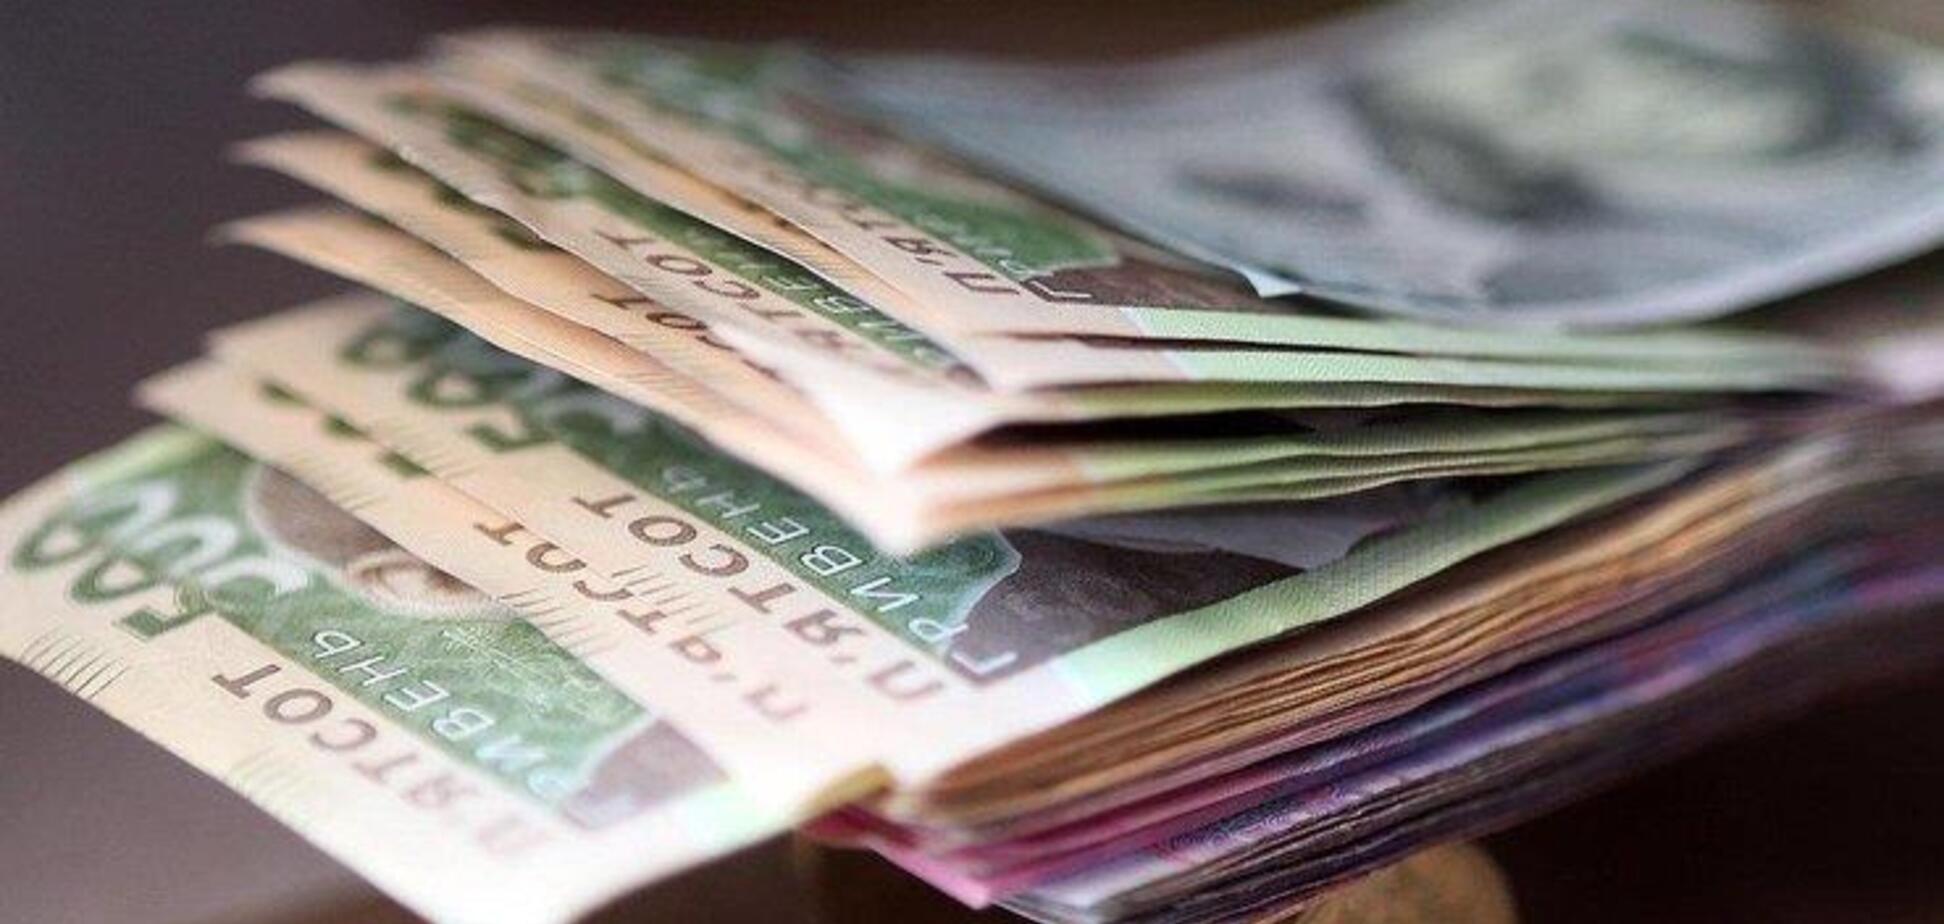 Зарплаты от 7,4 тысячи и налог по-новому: украинцам приготовили кардинальные перемены